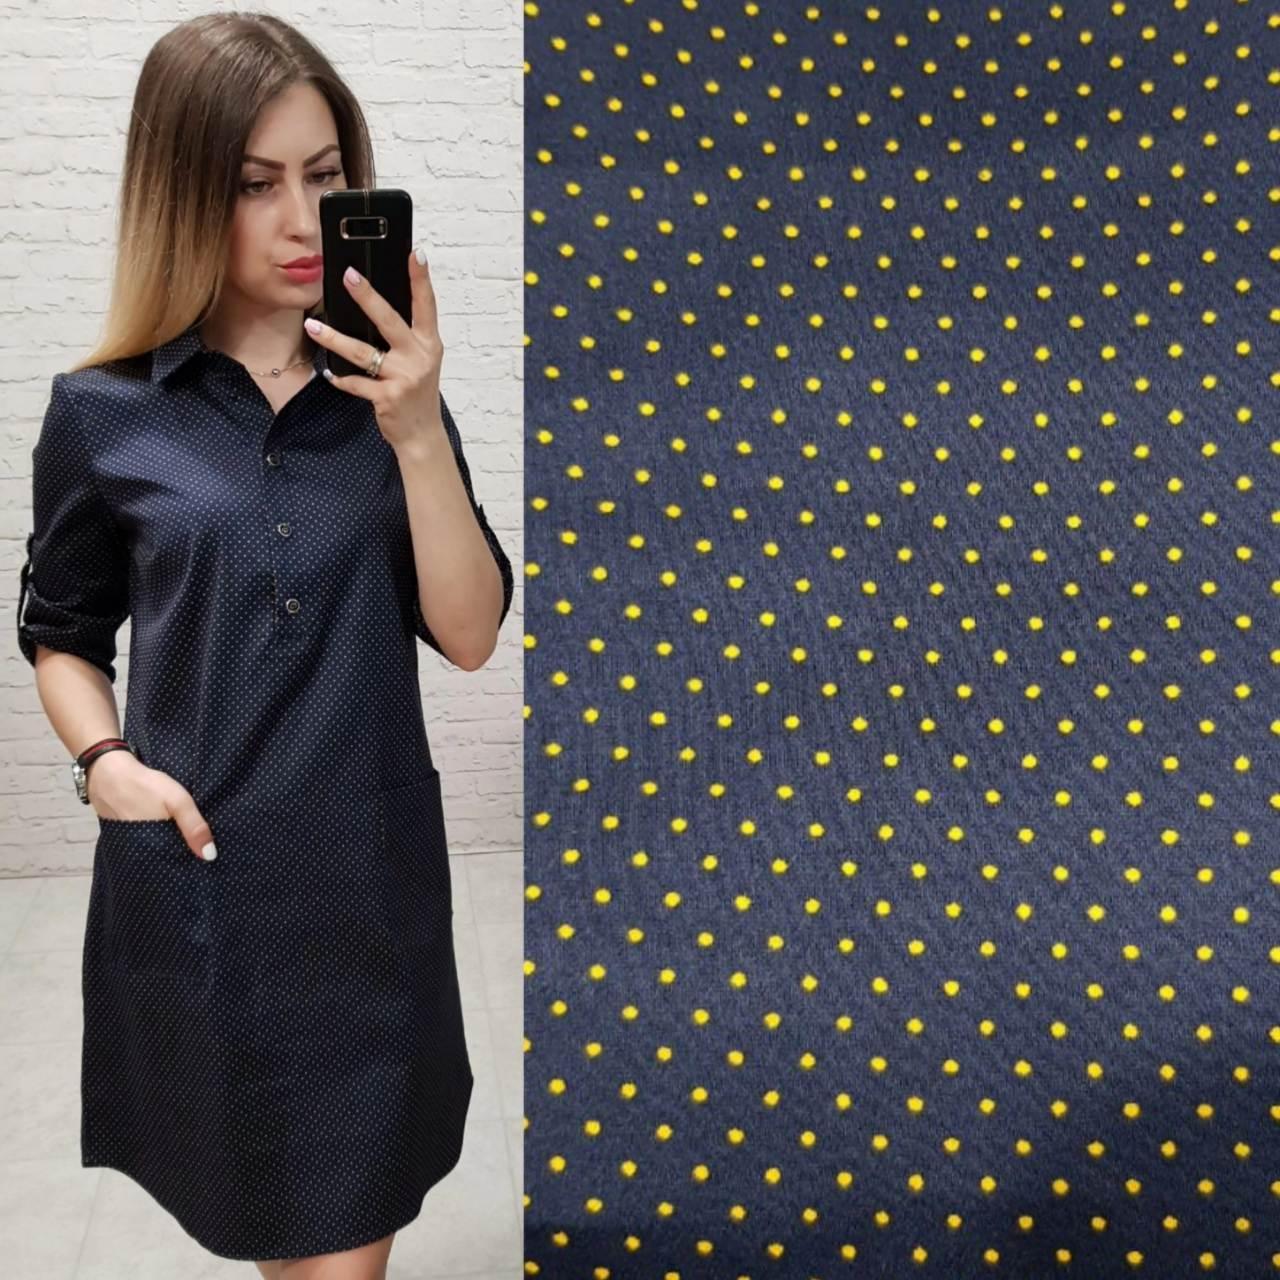 Платье-рубашка, модель 831, цвет - темно синий в желтый горох